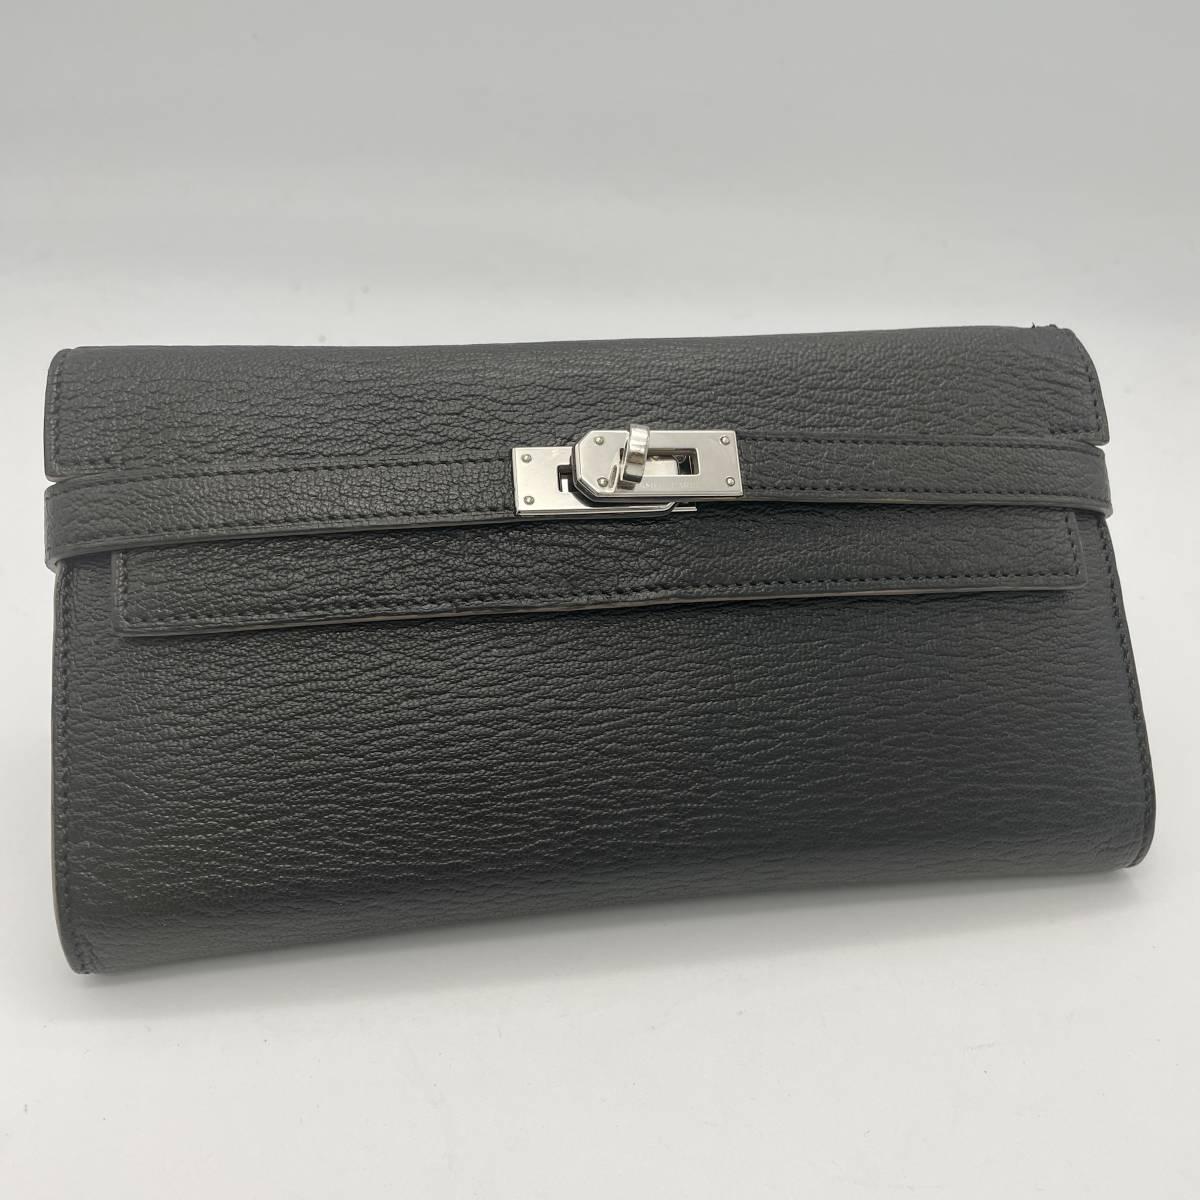 エルメス(HERMES) ケリーウォレット ブラックxイエロー バイカラー 二つ折り財布